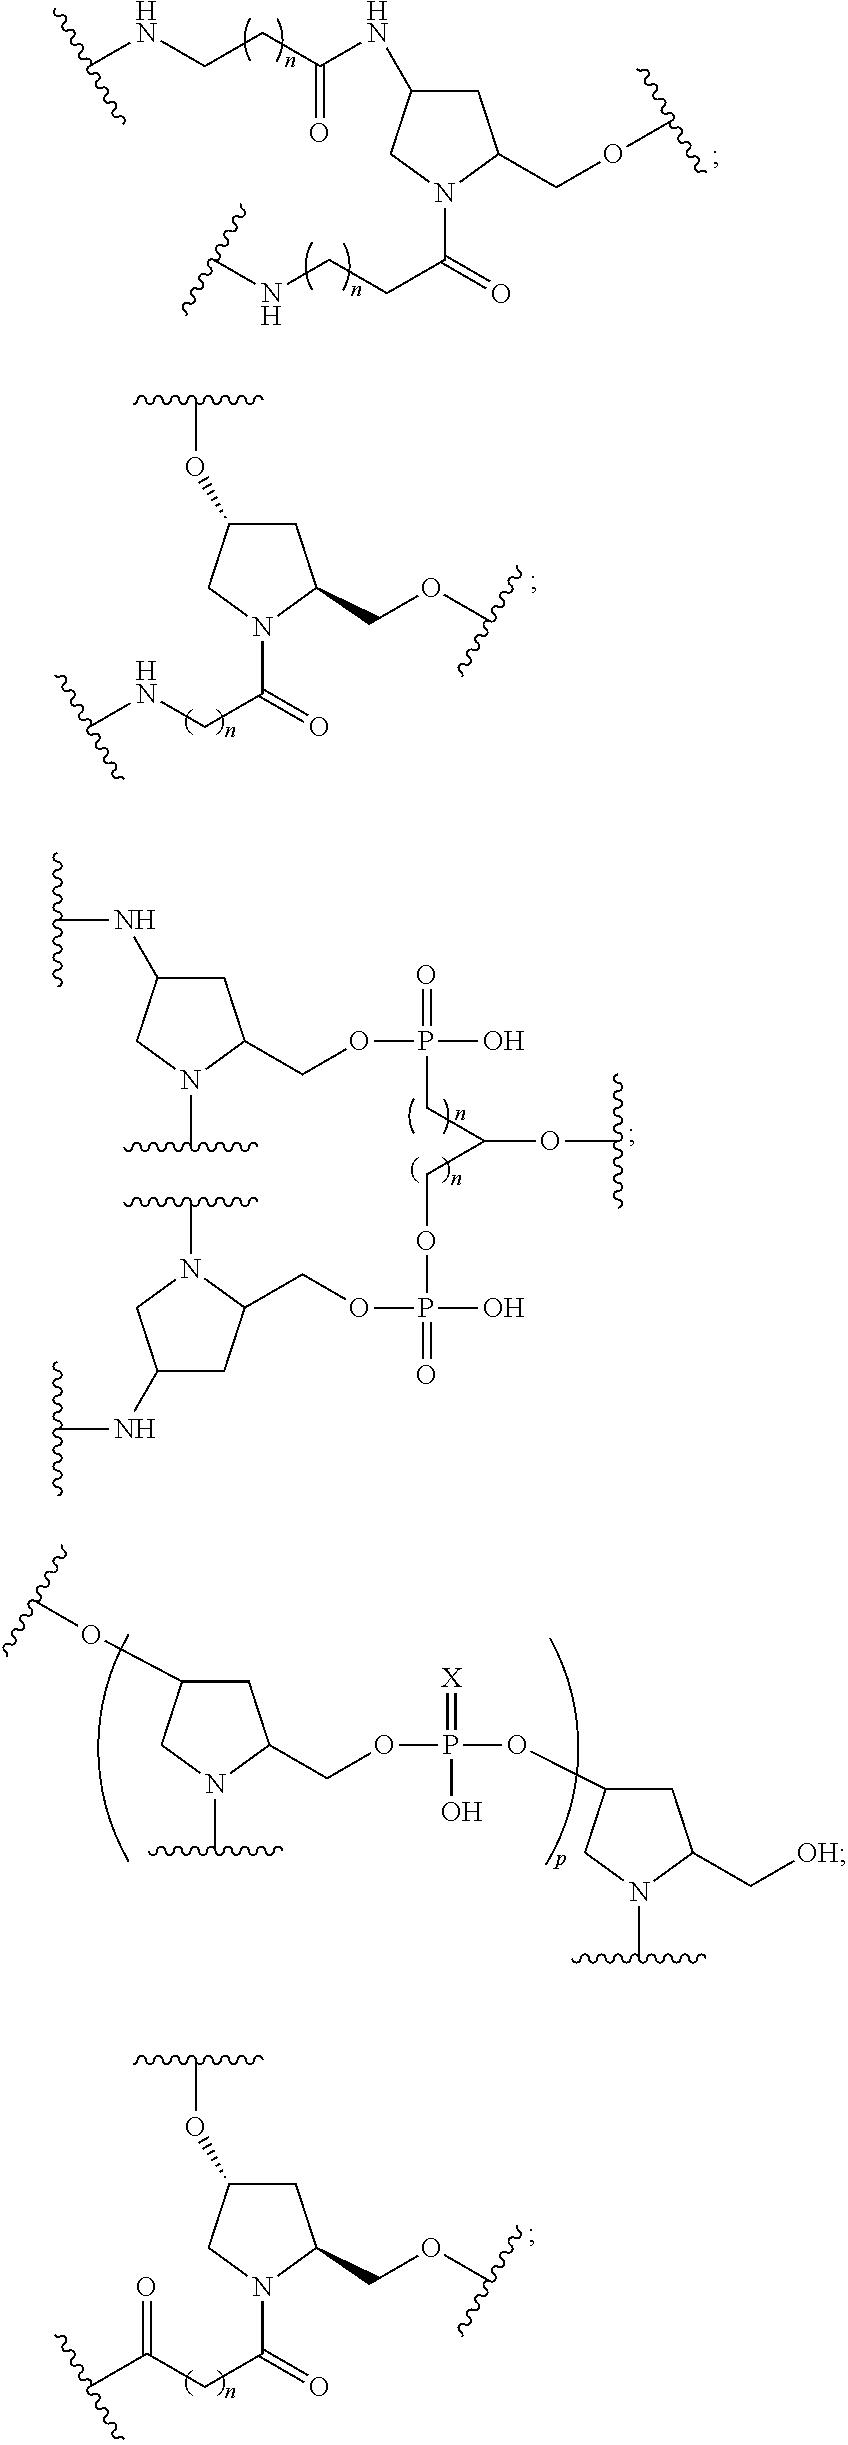 Figure US09714421-20170725-C00021